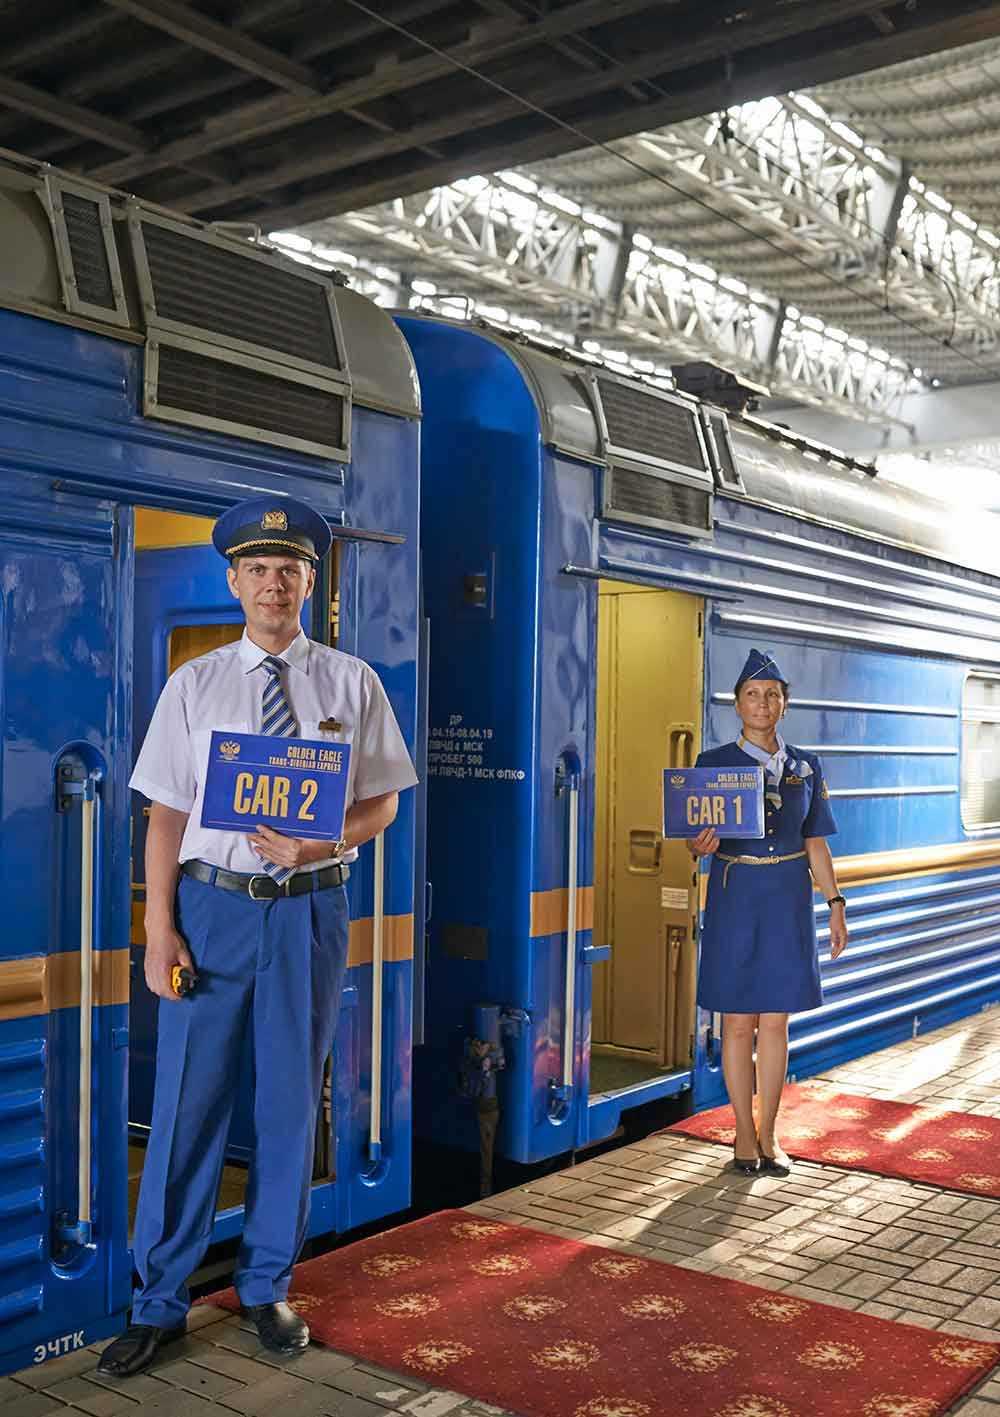 Ombord på tåget finns personal som tar hand om gästerna dygnet runt.